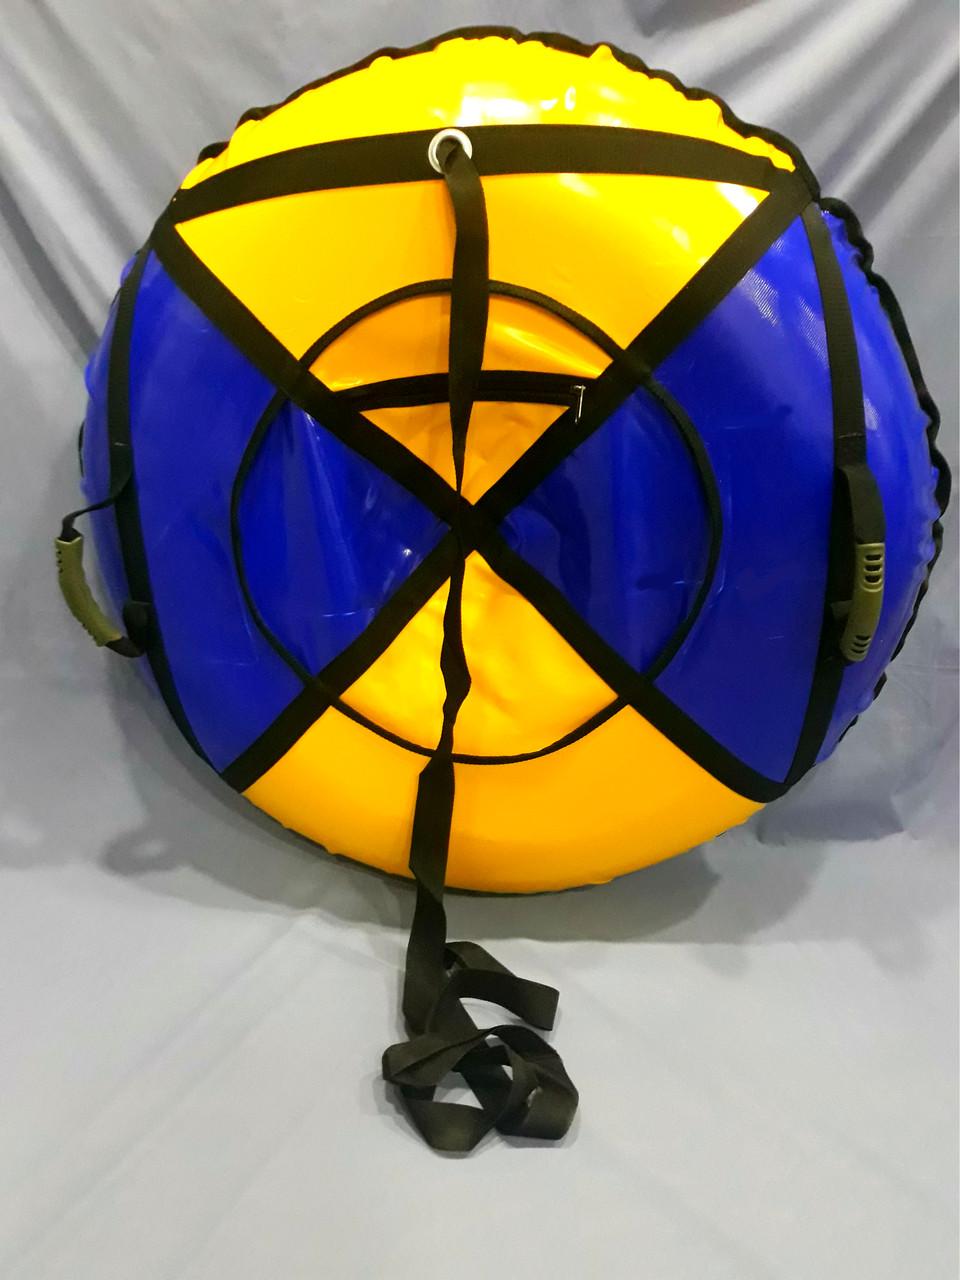 Надувные санки (тюбинг, ватрушка) диаметр 100см.